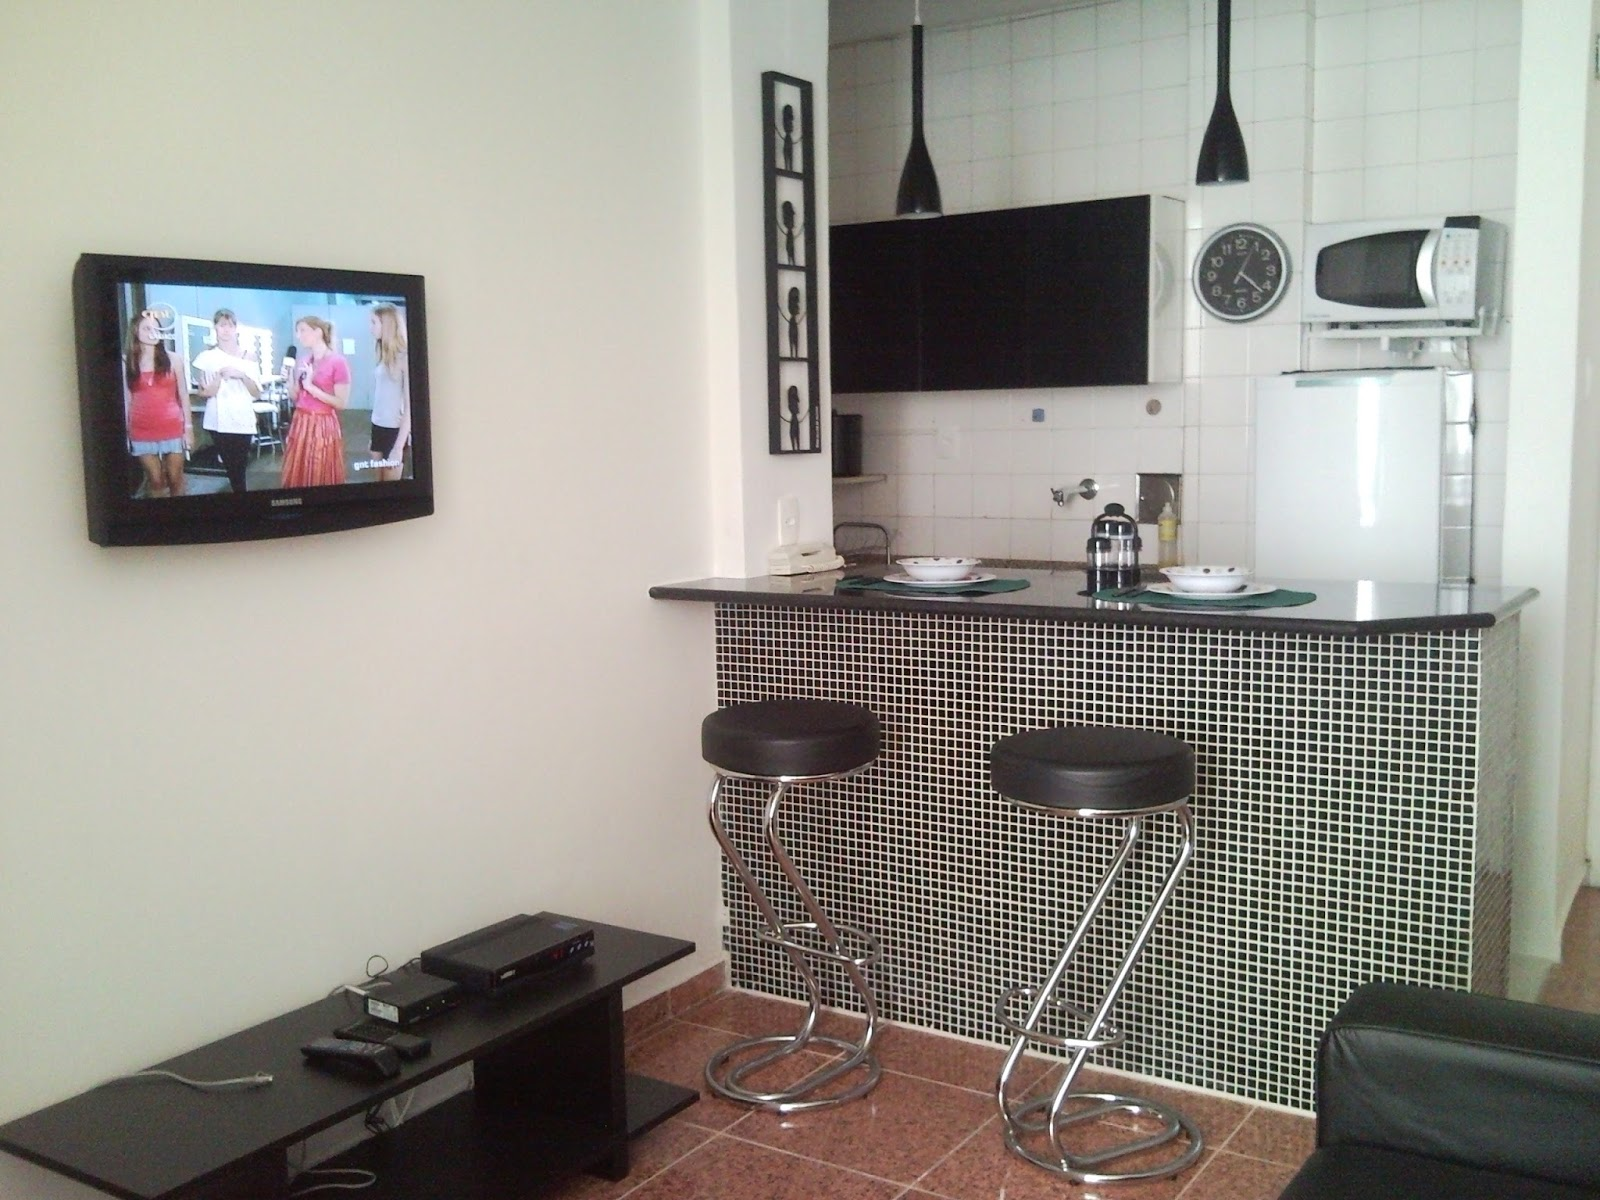 #40718B  Ribeiro: Sala com Sofá Cama Cozinha Americana e Mesa de Jantar 1600x1200 px Projeto De Cozinha Americana Com Sala #2787 imagens